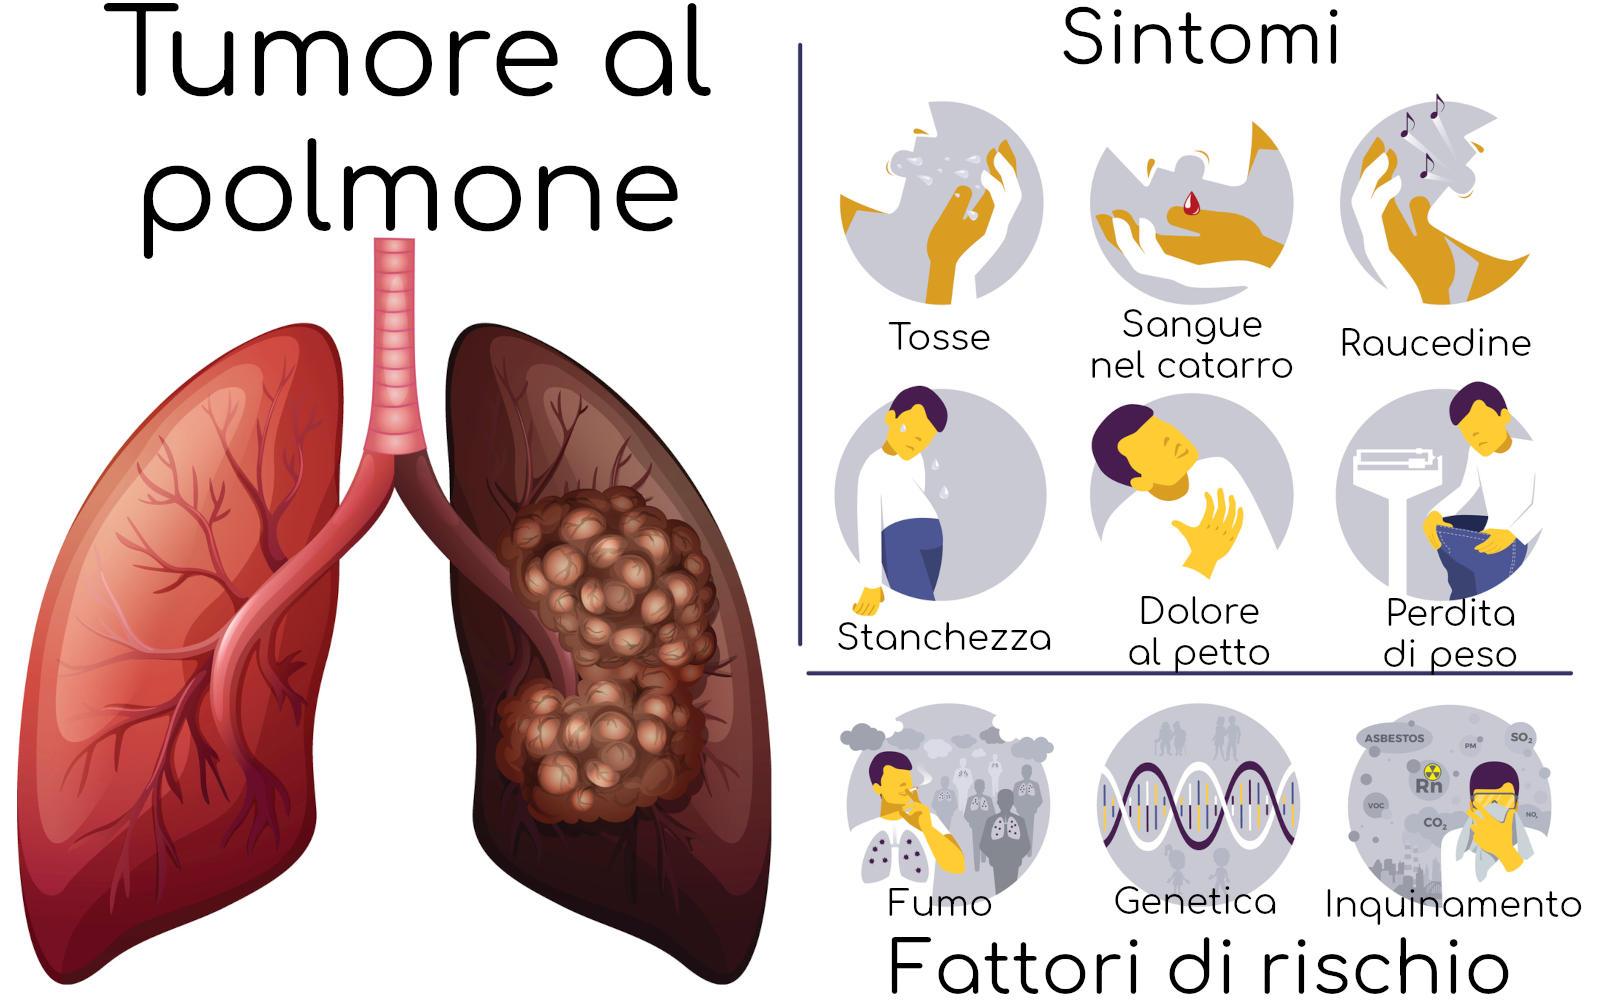 Tumore al polmone, sintomi e fattori di rischio